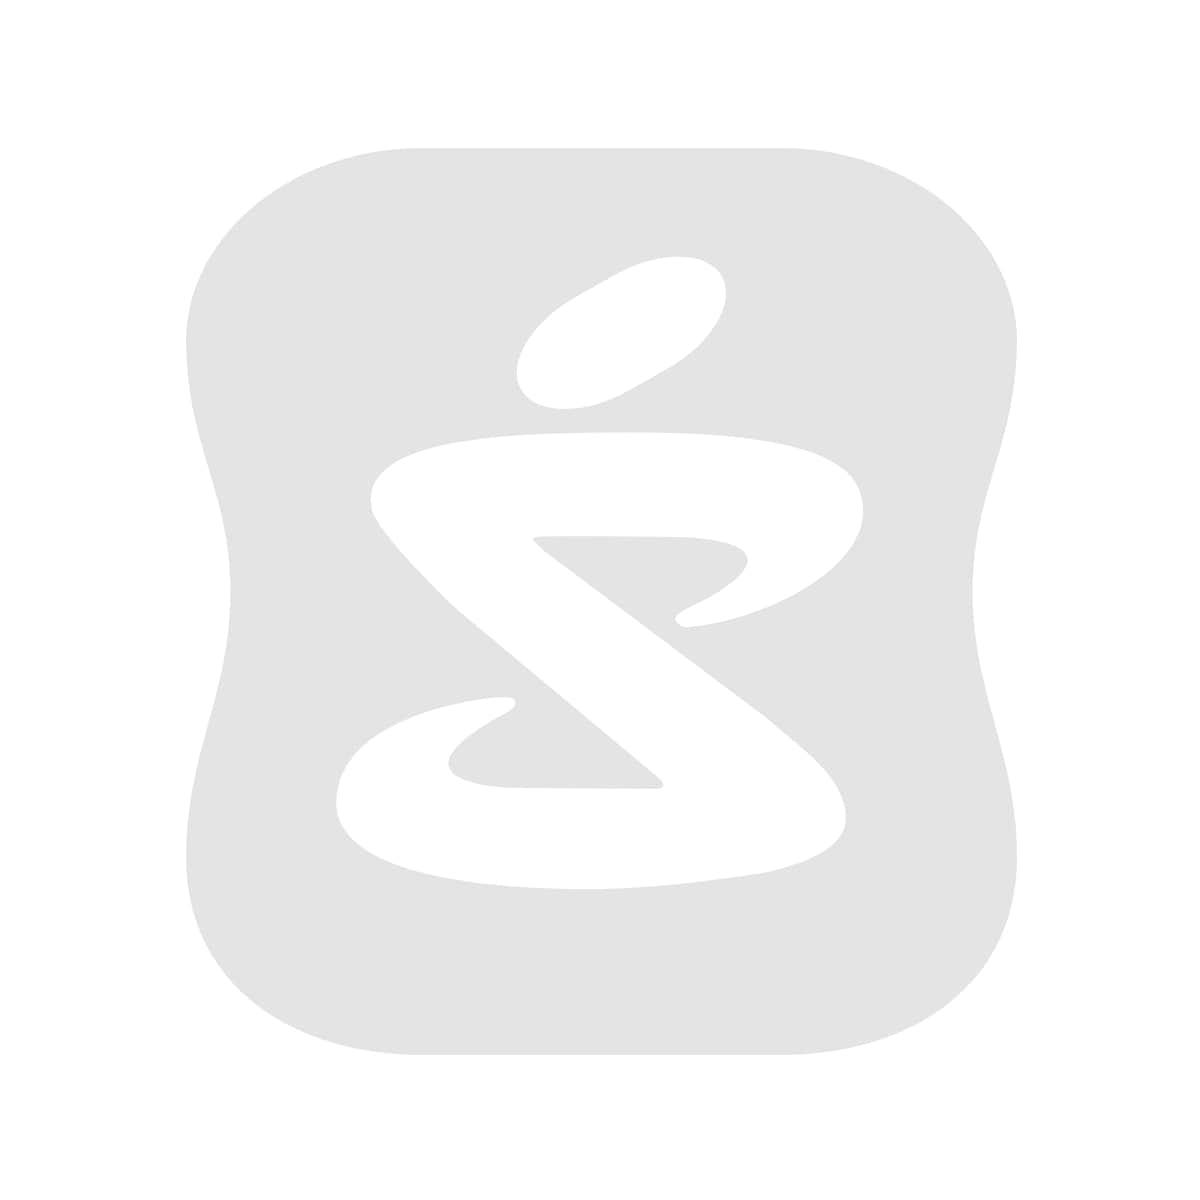 Medela Box - 2 butelki 250 ml